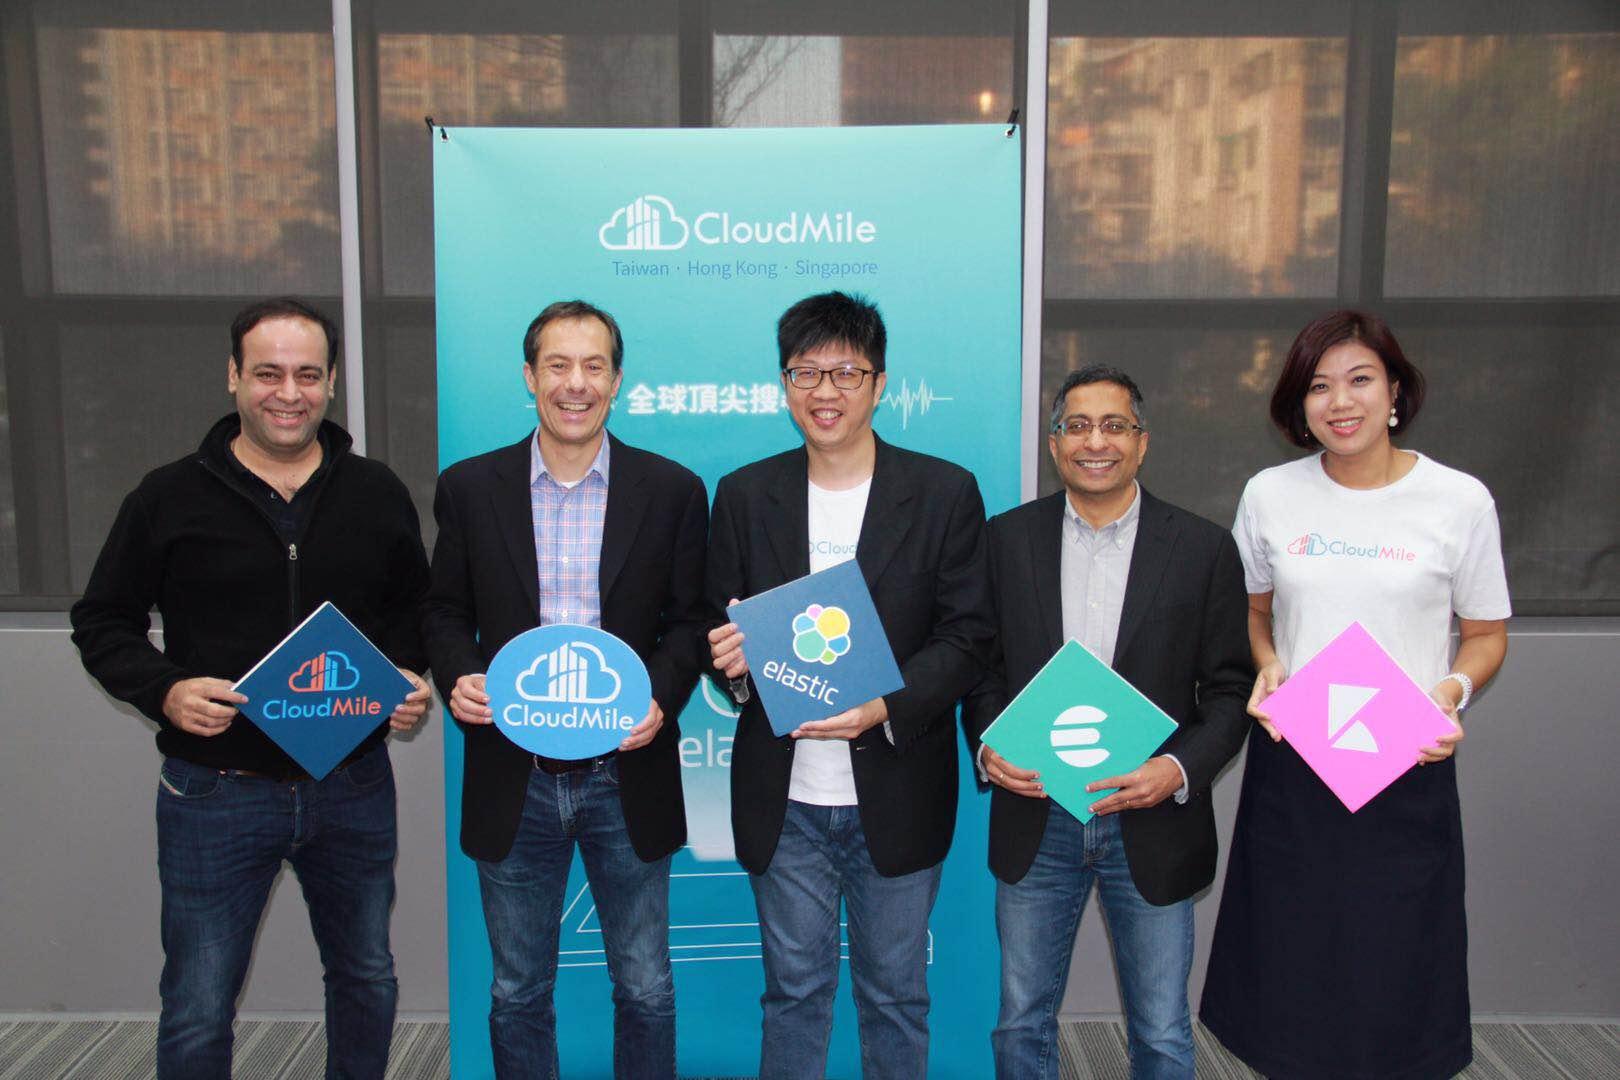 營收年增三倍  CloudMile擴大招募 邀優秀人才迎戰AI商機,前進亞洲